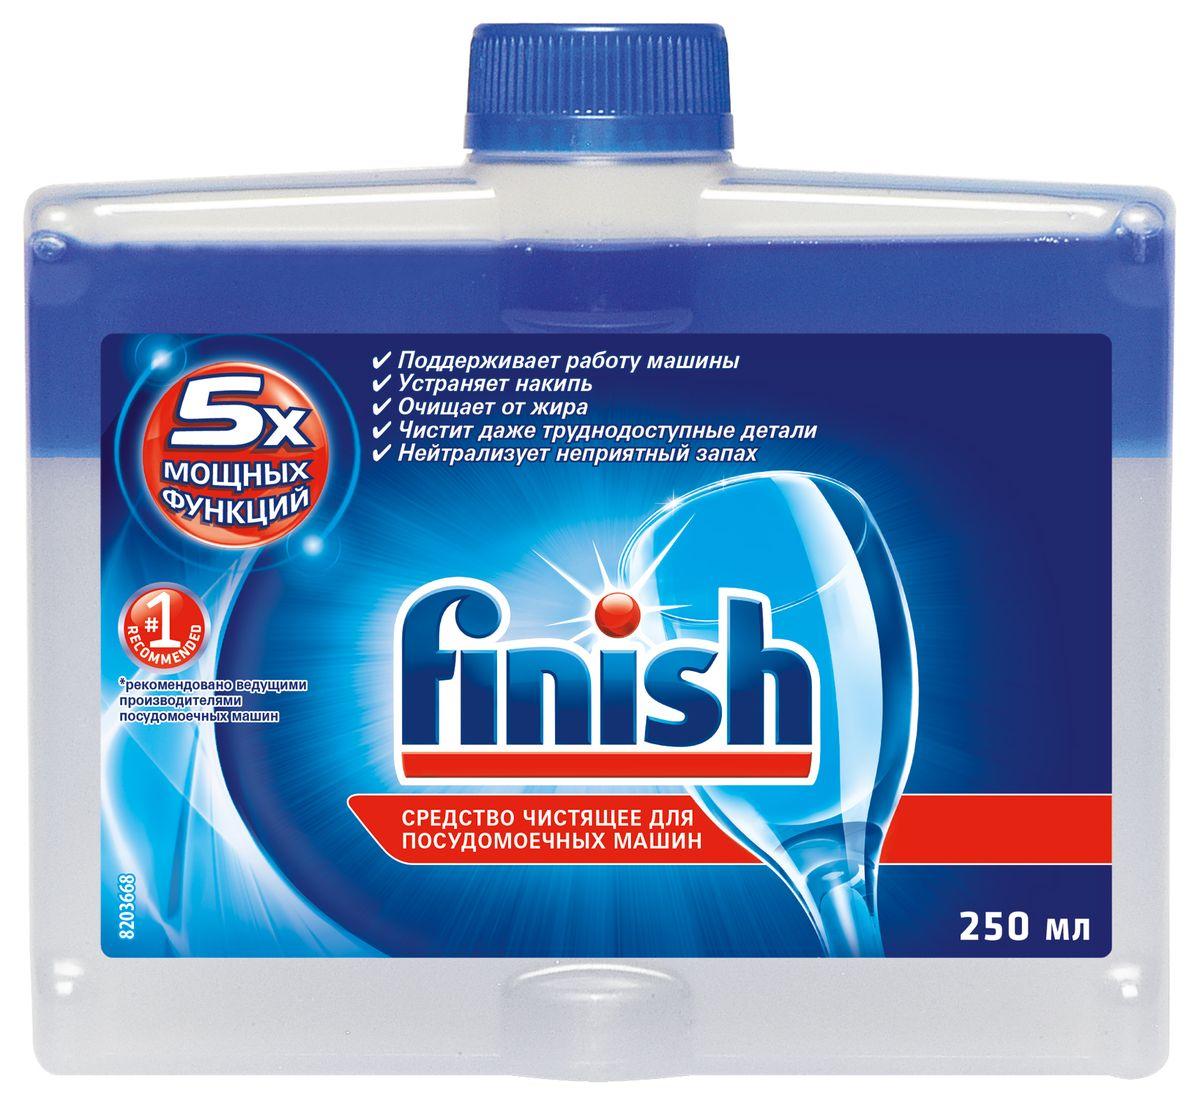 Finish Очиститель для ПММ, 250 мл7502601Очиститель для посудомоечных машин Finish удаляет жир и известковый налет в посудомоечной машине, и ваша посуда буквально сияет чистотой.Поддержание работы посудомоечной машины: - устранение накипи;- очищение от жира;- очищение труднодоступных деталей посудомоечной машины;- нейтрализация неприятного запаха.Очиститель для посудомоечных машин Finish удаляет жир и известковый налет в посудомоечной машине и ваша посуда буквально сияет чистотой. Жир и известковый налет скапливаются на поверхности важнейших внутренних деталей посудомоечной машины, что оказывает влияние на качество мытья посуды.Очиститель Finish удаляет жир и известковый налет: благодаря ему ваша посудомоечная машина всегда идеально чистая и благоухает свежестью! Чистая посудомоечная машина - чистая посуда! Состав: 5% или более, но менее 15% неионные ПАВ, ароматизатор.Товар сертифицирован.Как выбрать качественную бытовую химию, безопасную для природы и людей. Статья OZON Гид